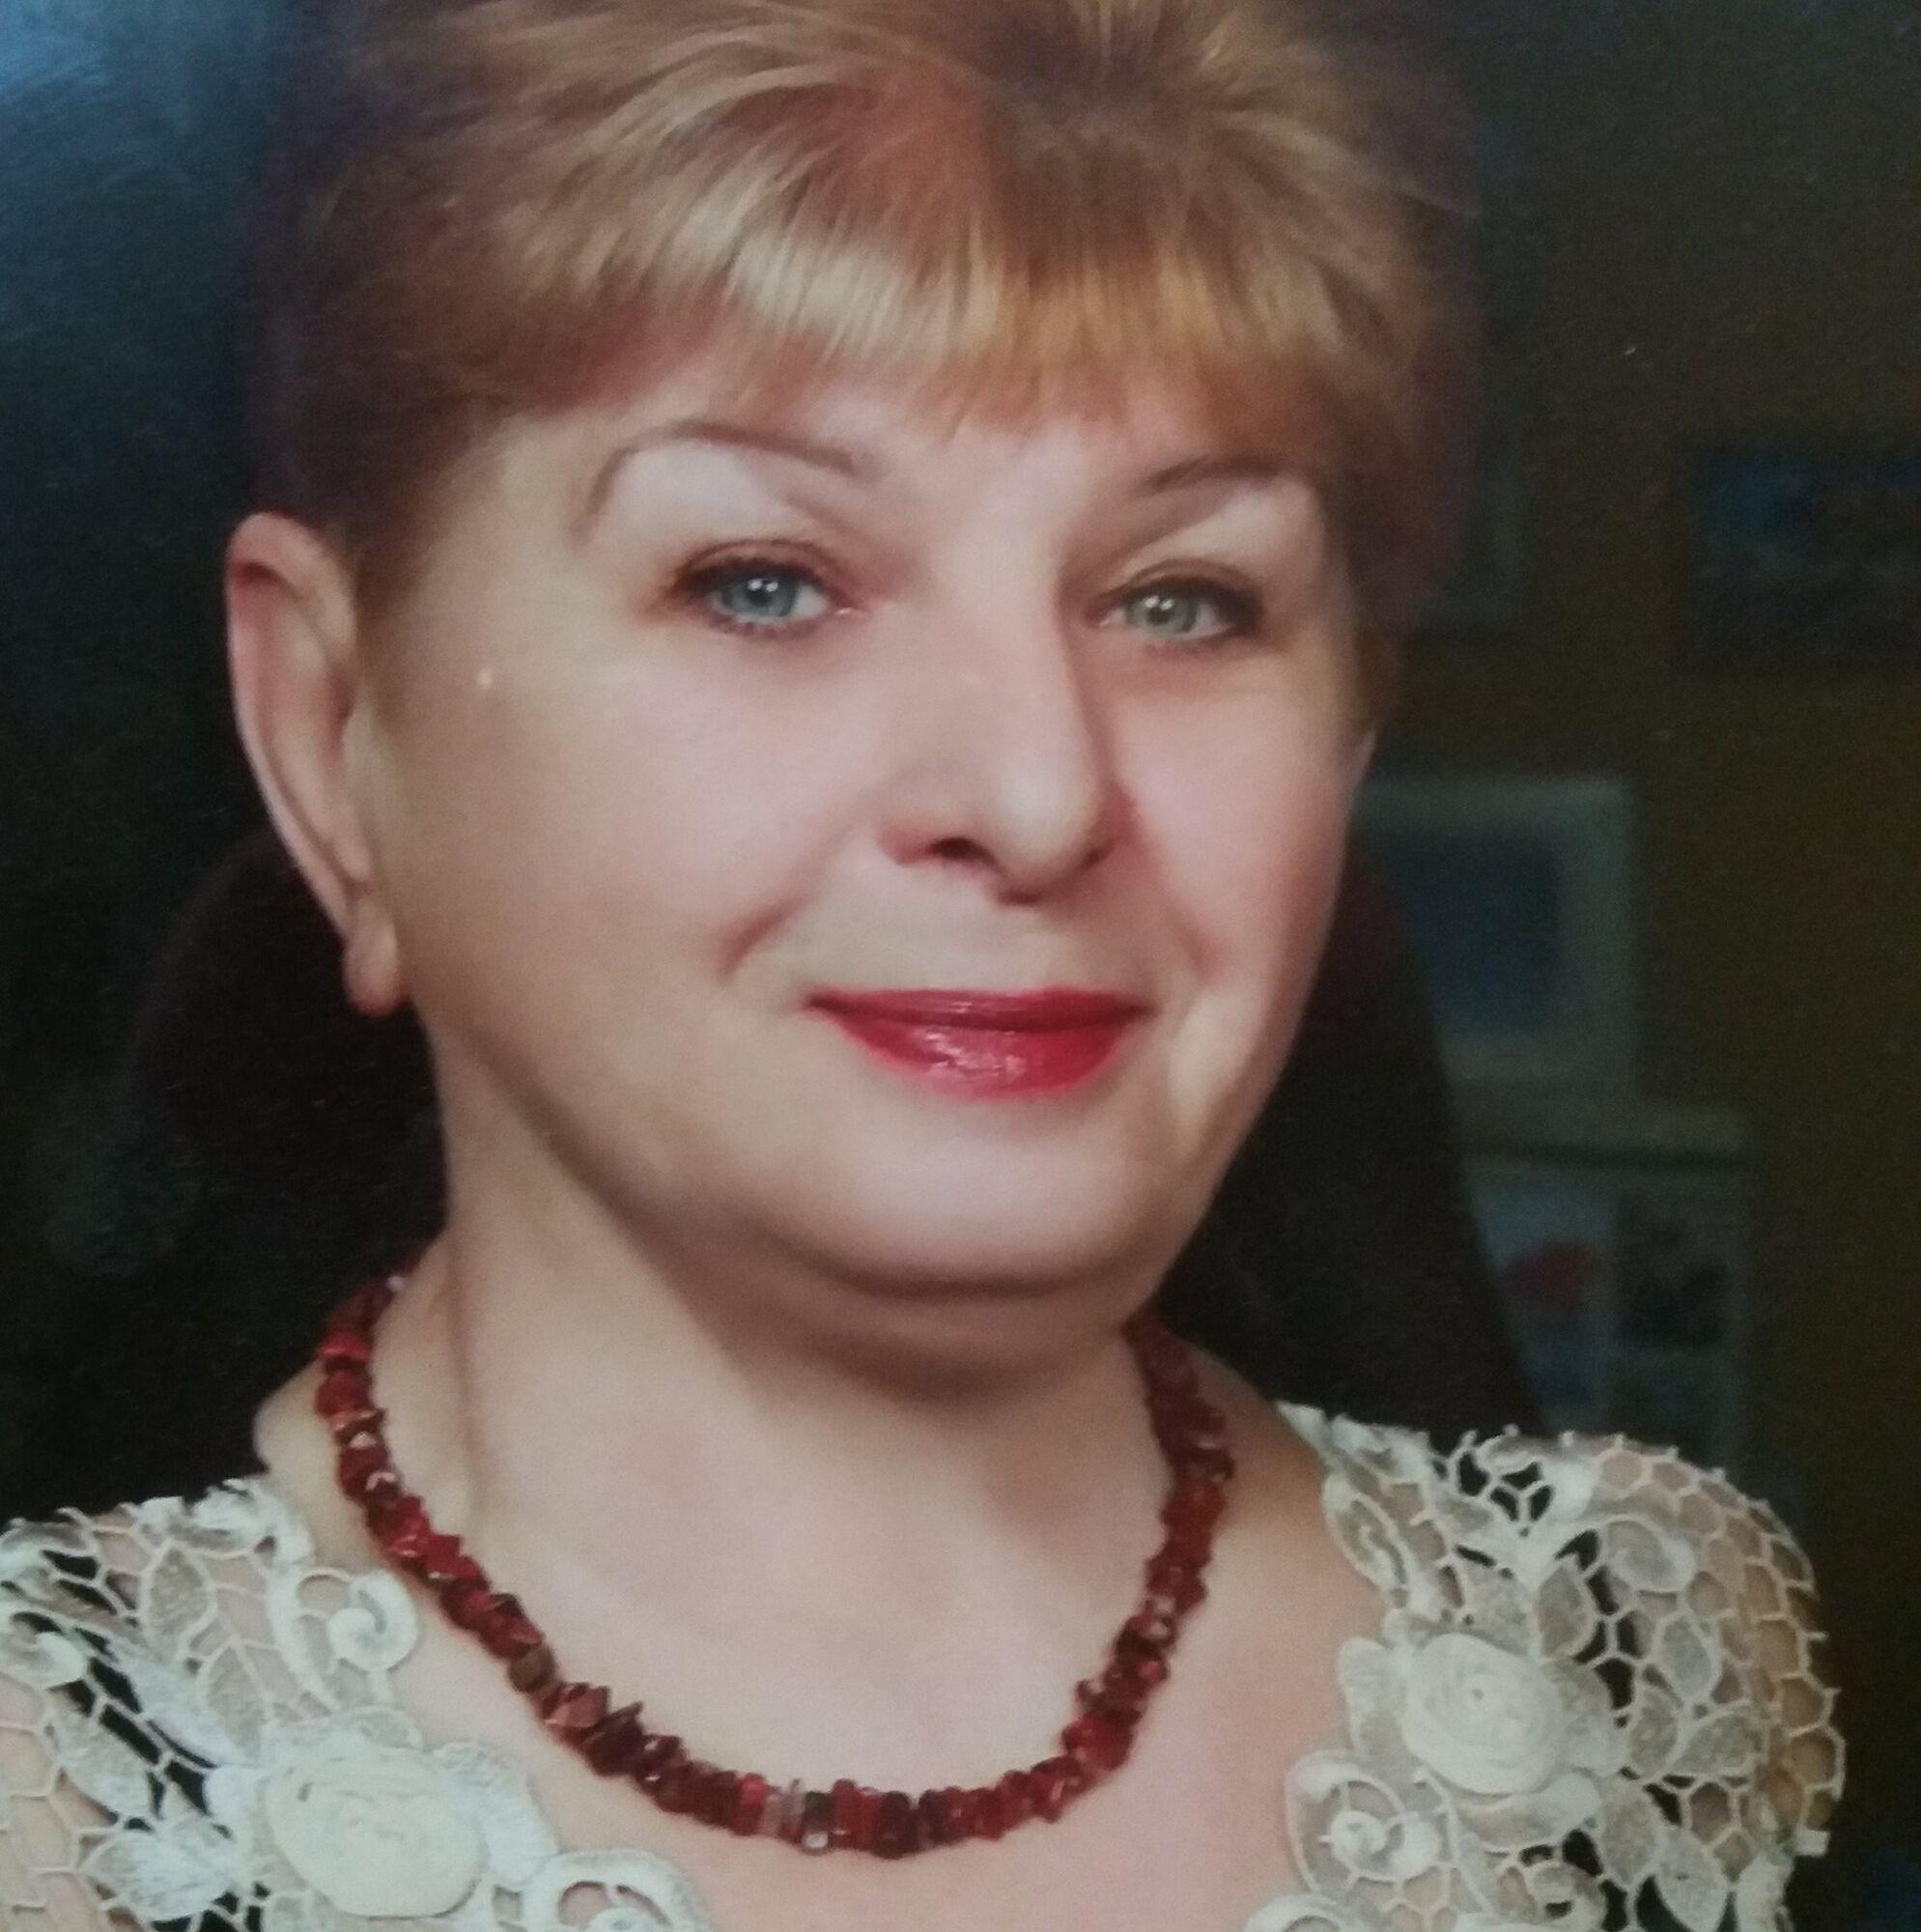 Учительница унизила ребенка из-за украинского языка